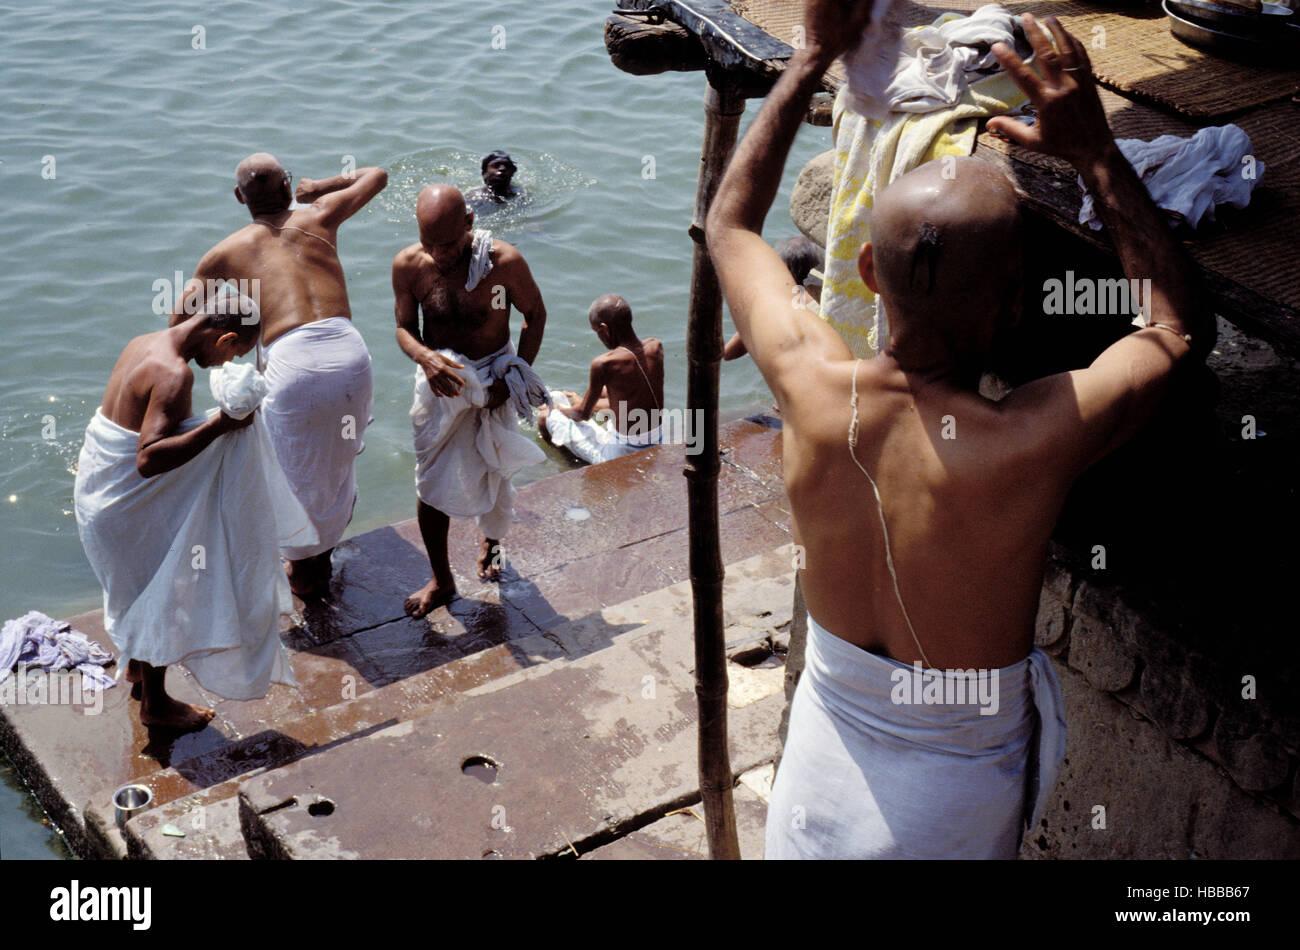 Inde. L'Uttar Pradesh. Ville sainte de Bénares (Varanasi). Bain rituel dans les eaux du Gange sur les gath. // L'Inde. Banque D'Images